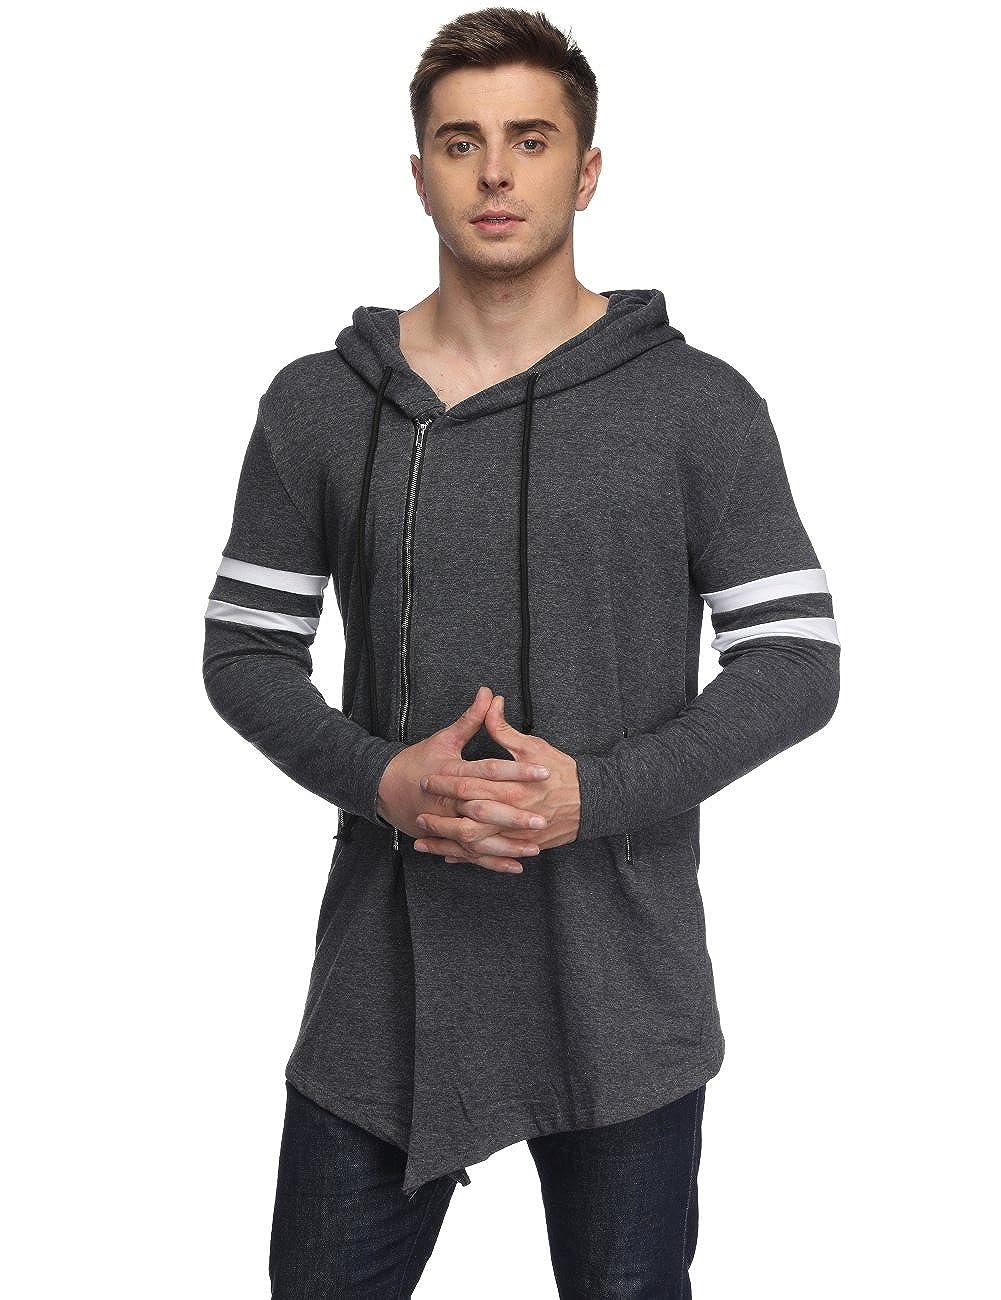 HEQU Men's Hipster Hip Hop Asymmetrical Zip Hoodies Irregular Long Jacket